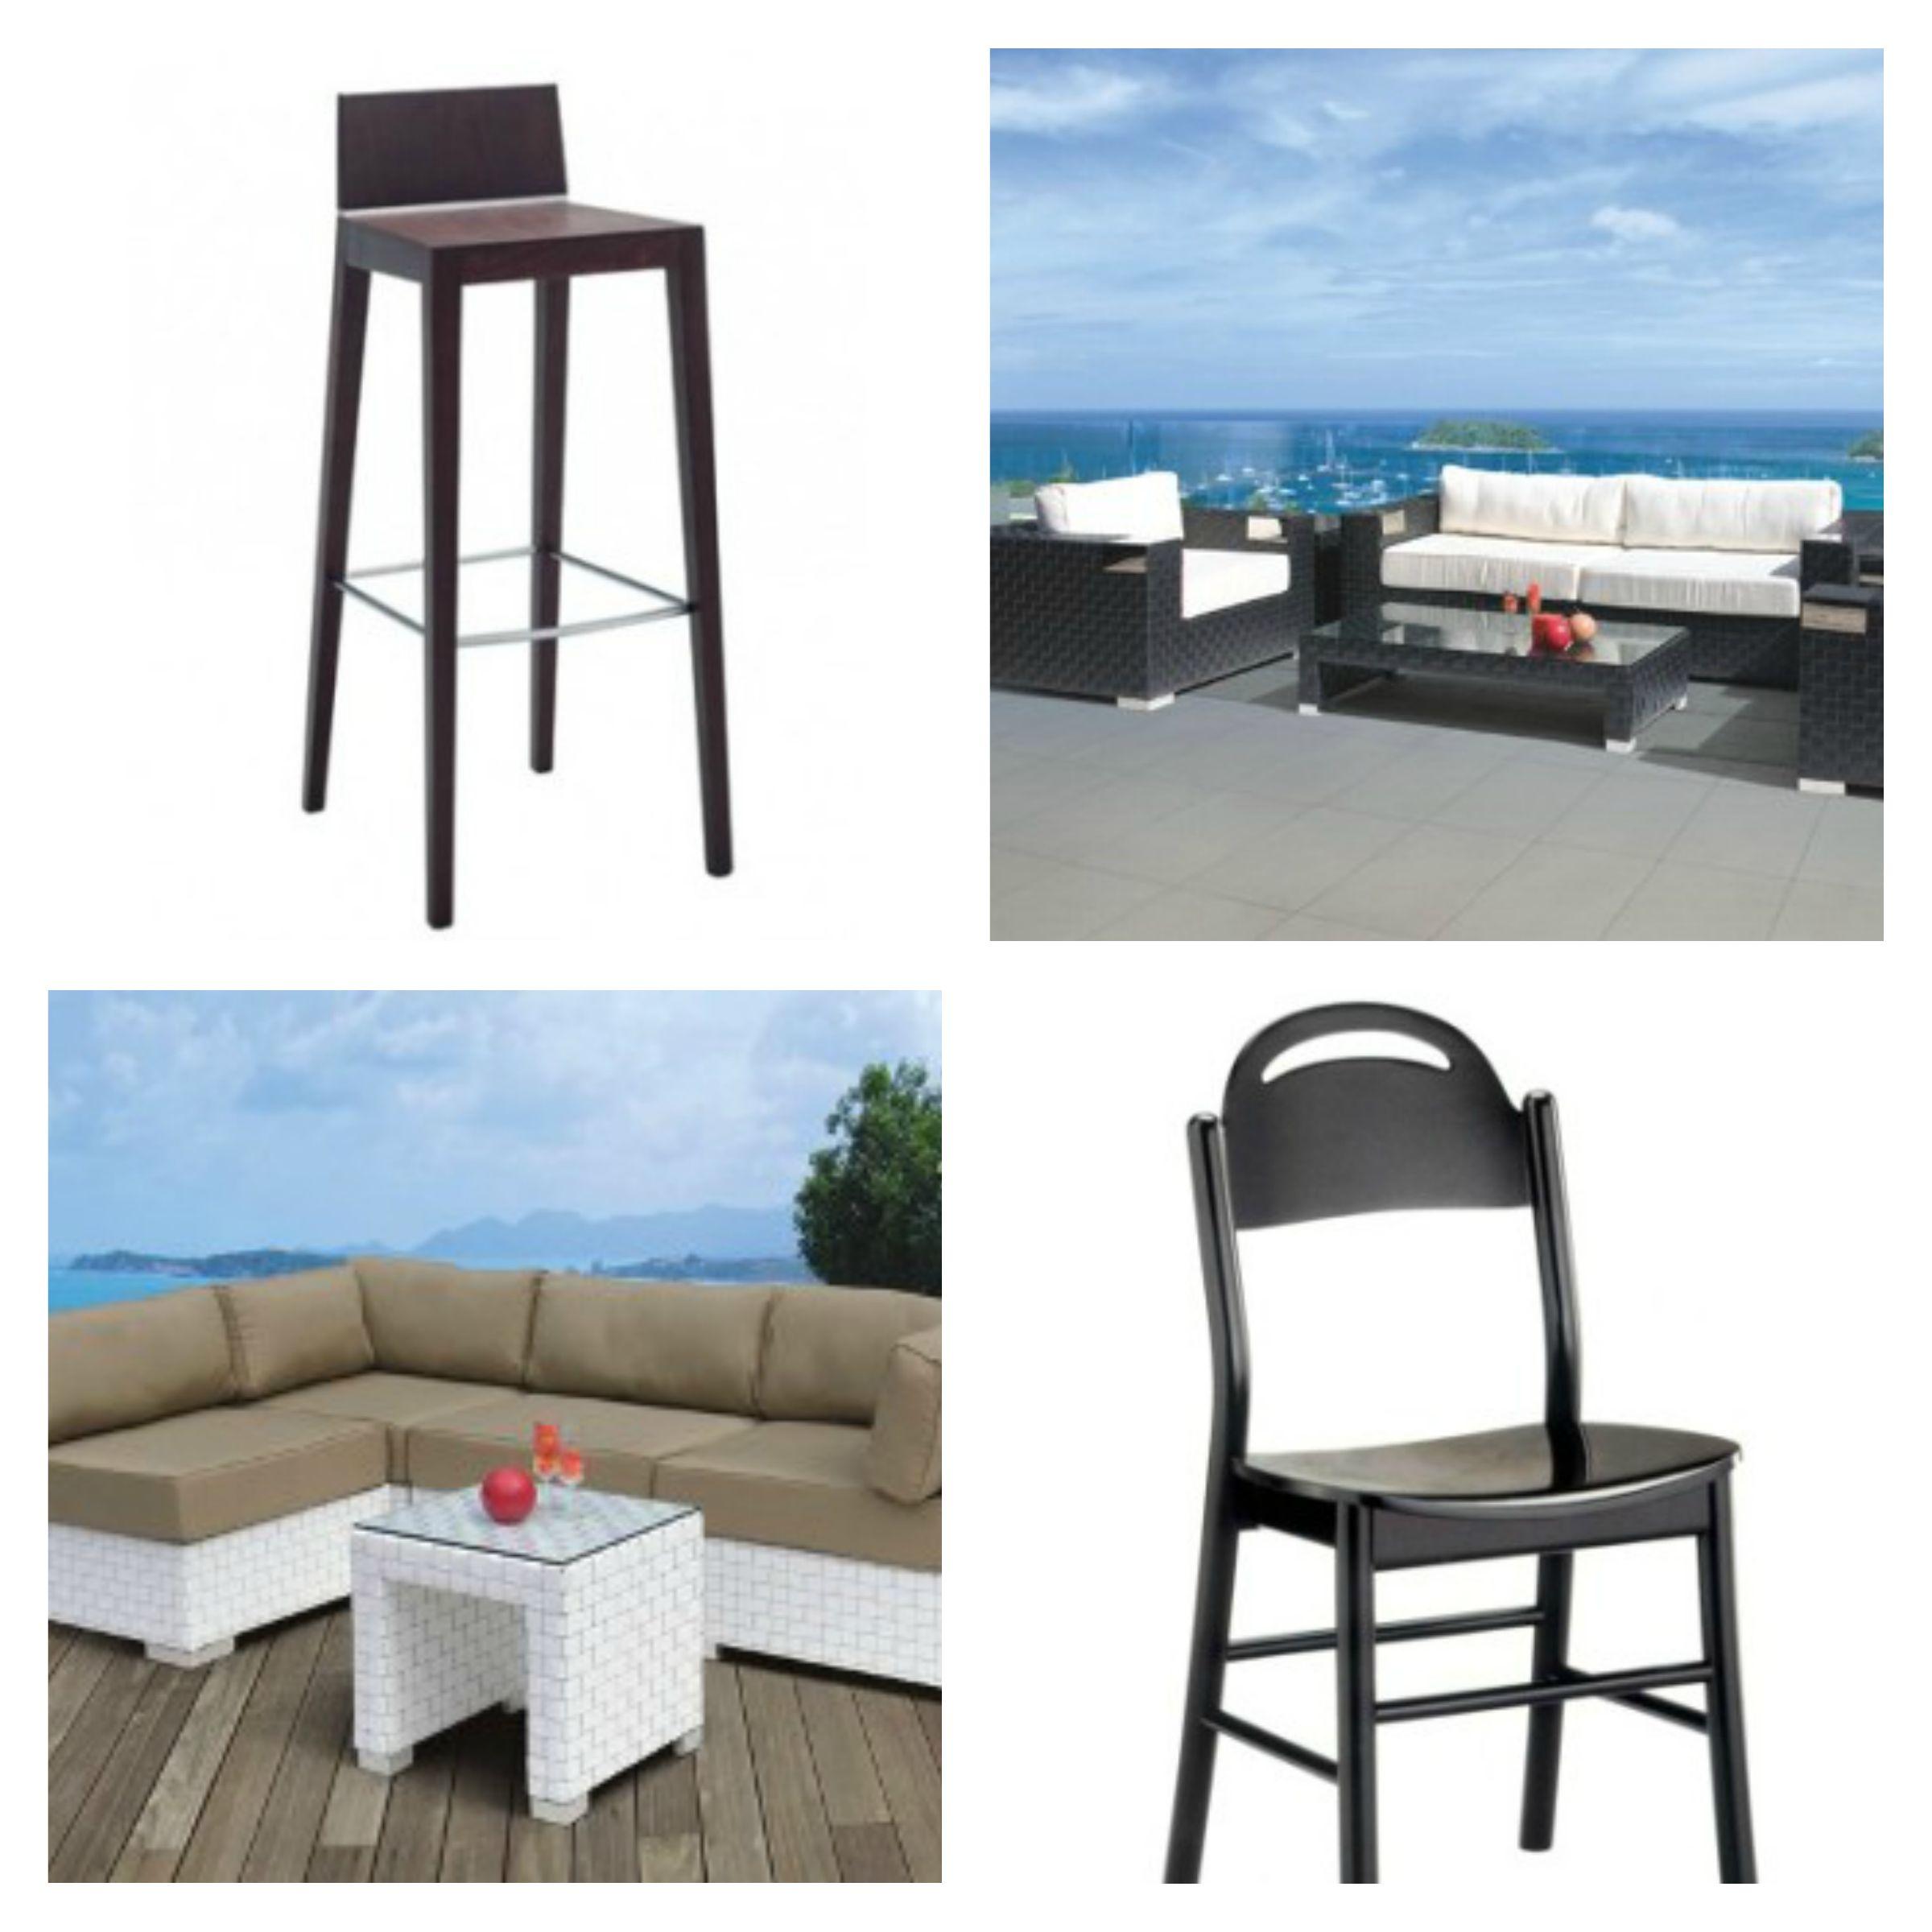 Sedie per esterno economiche sedia moderna laccata bianca for Sedie per esterno